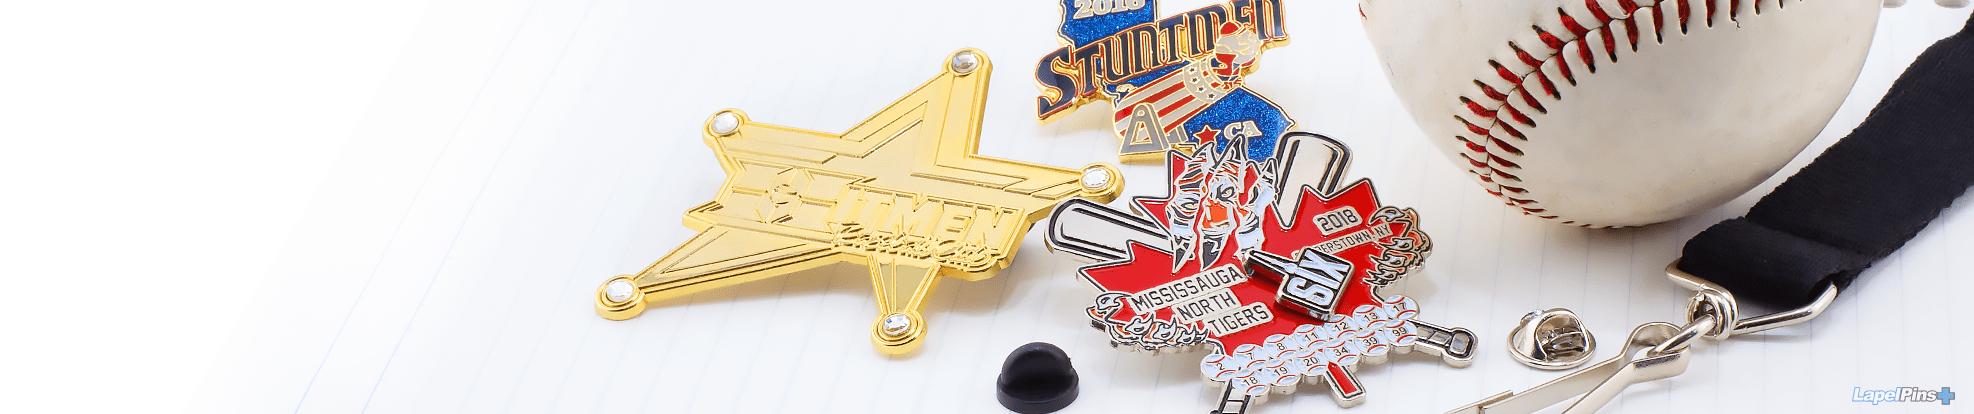 Trading Pins lapel pin header